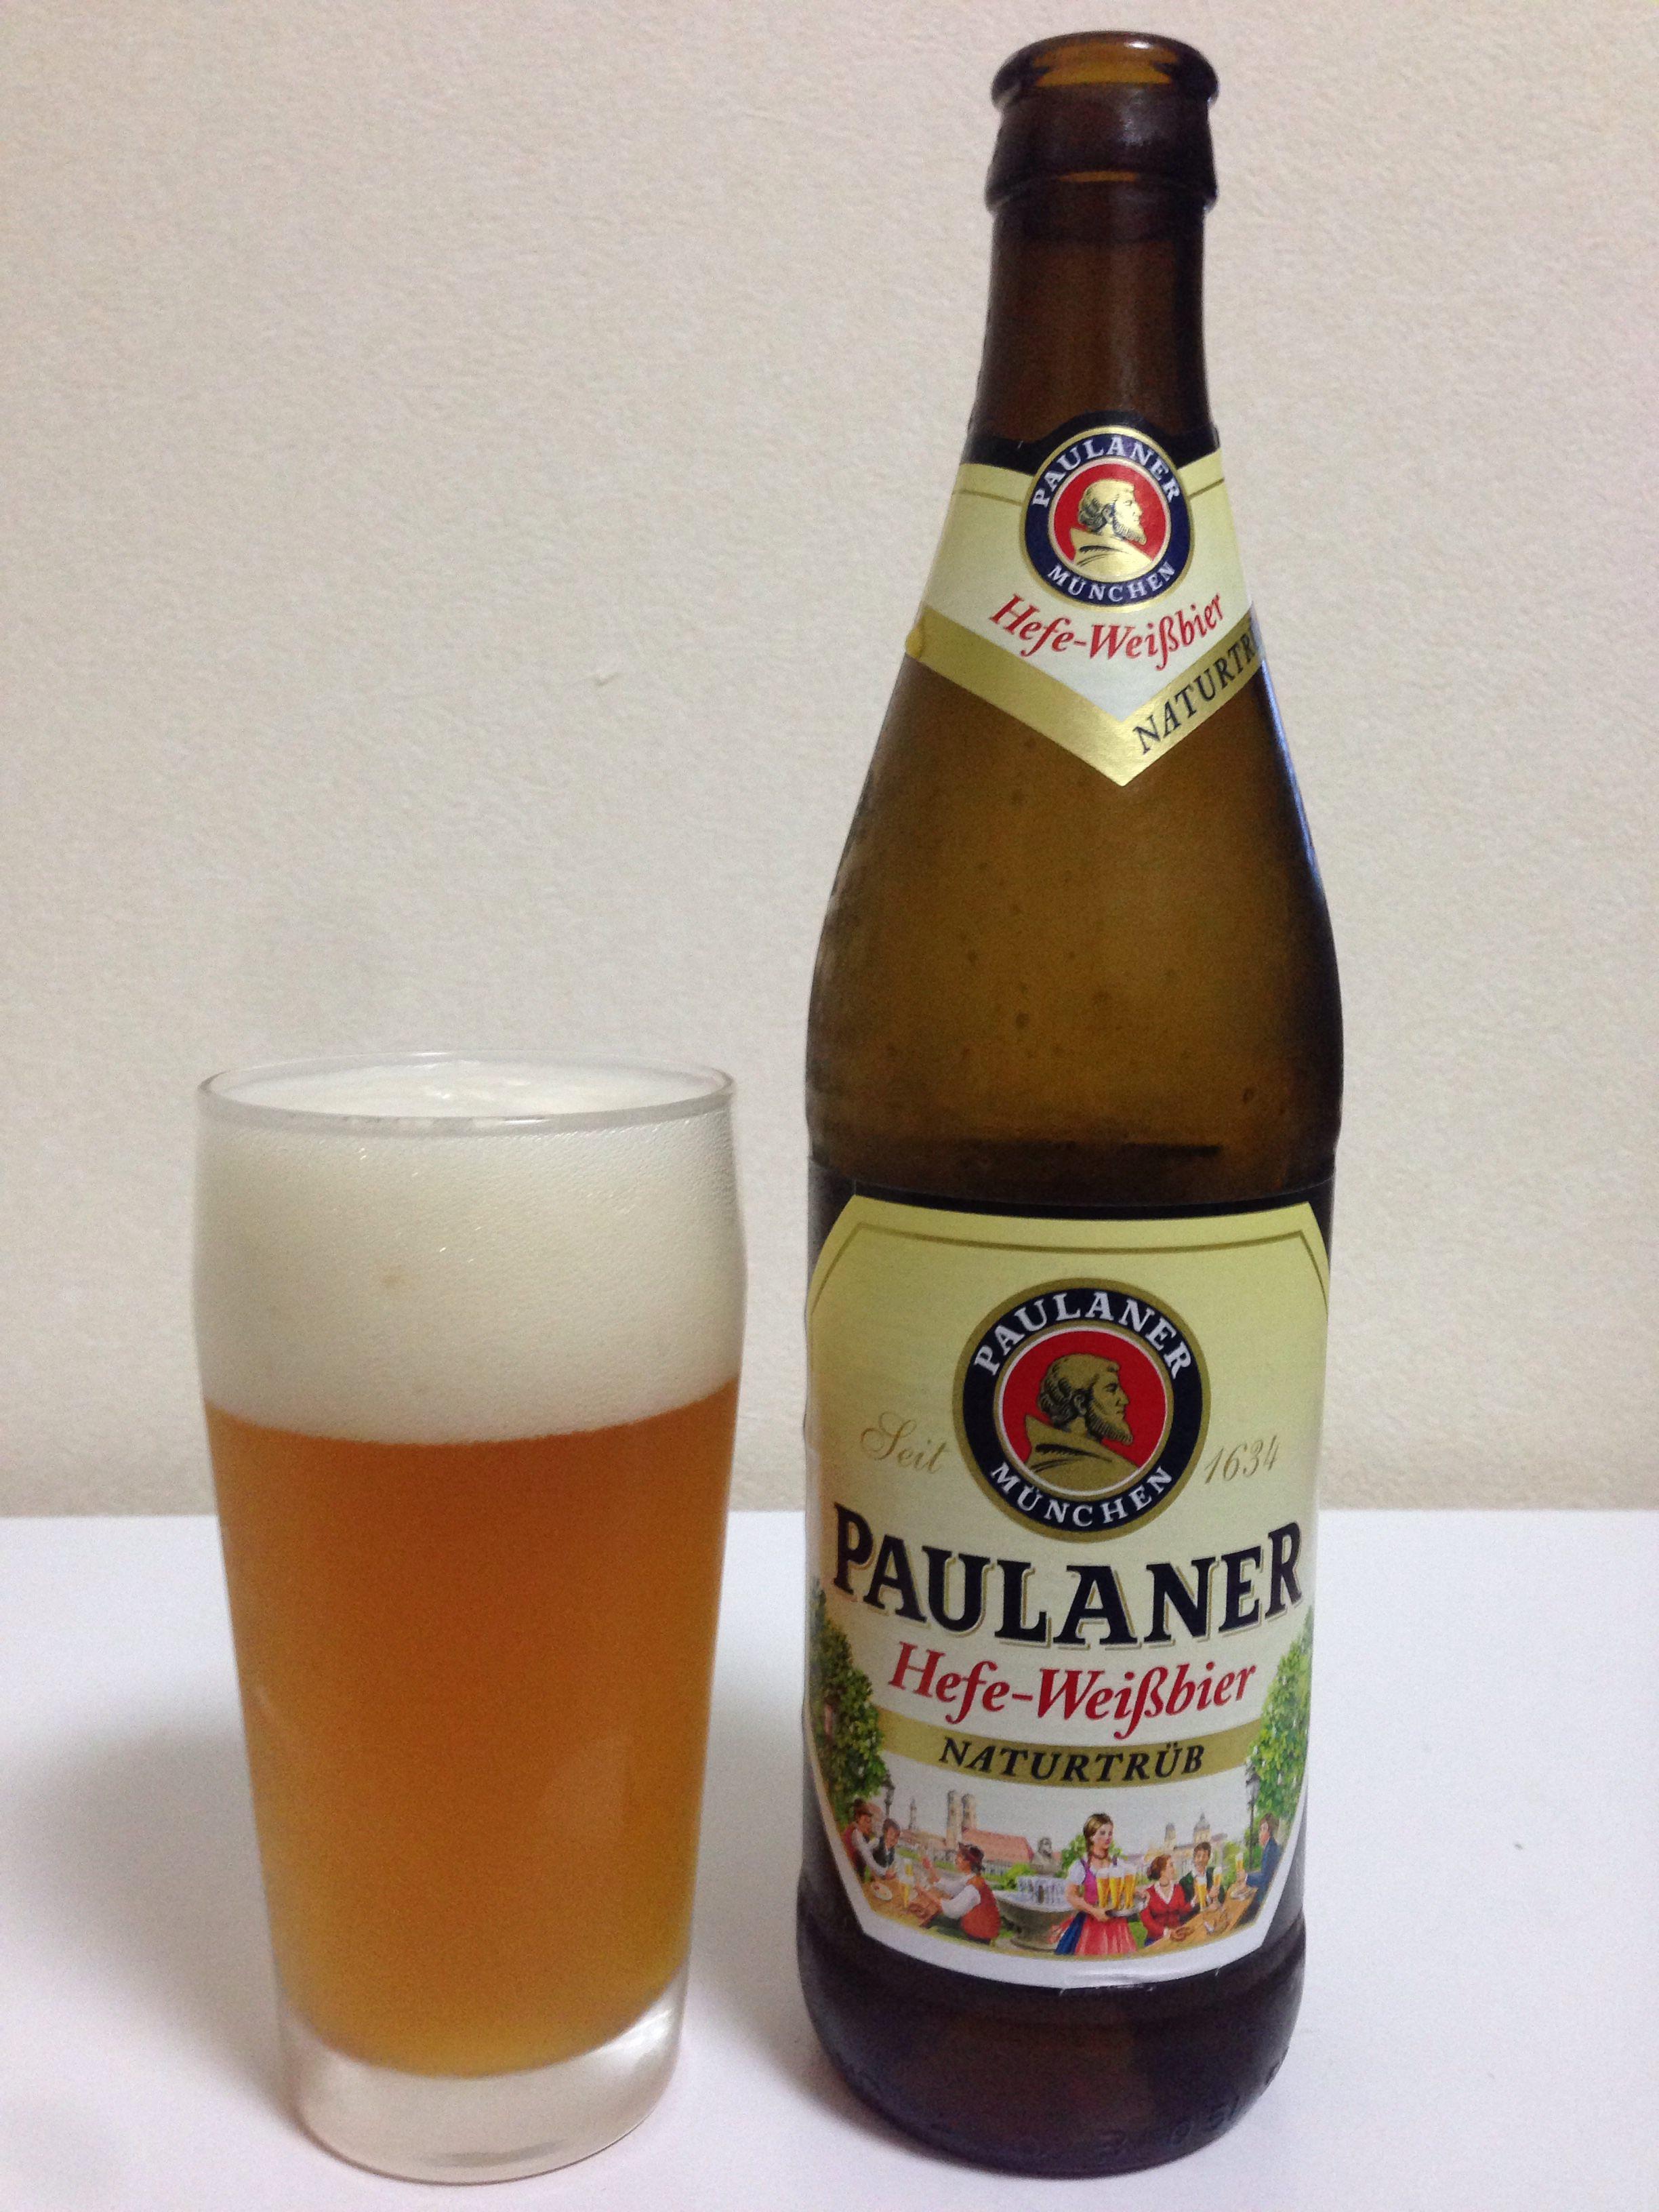 Paulaner Hefe-Weißbier(パウラナー ヘフェヴァイツェン)